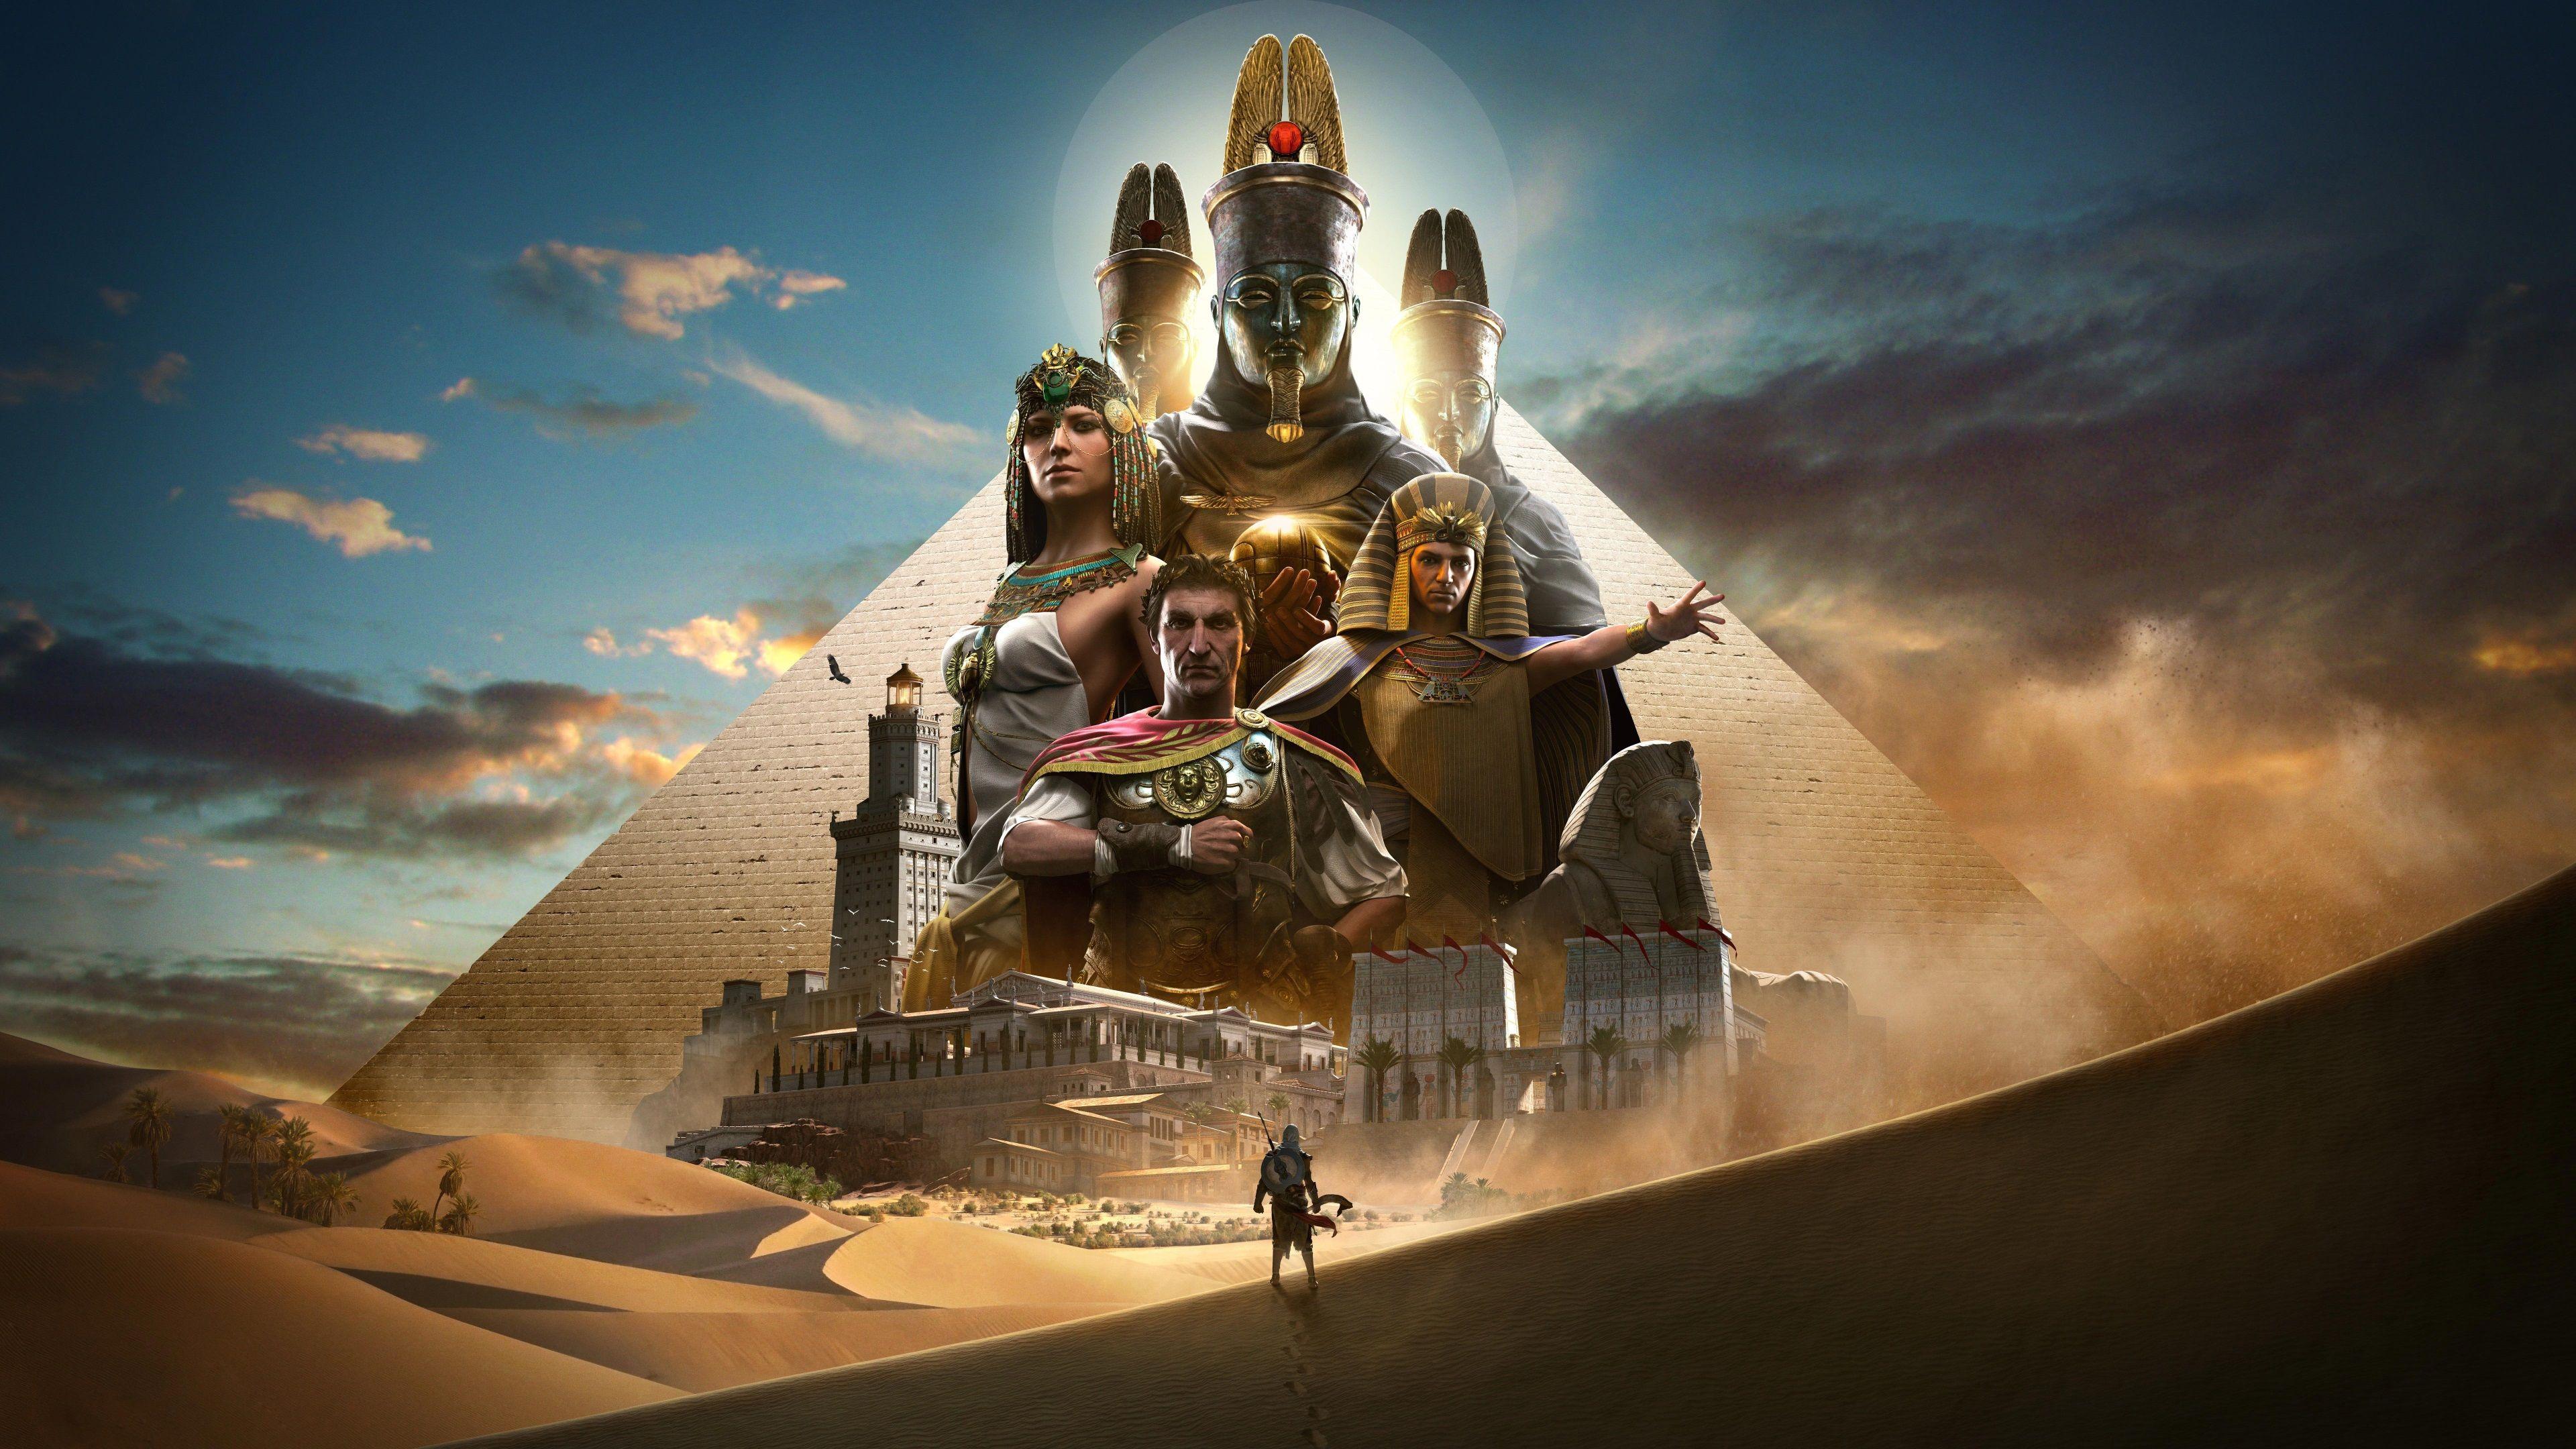 3840x2160 Assassins Creed Origins 4k Best Wallpaper For Desktop Background Assassins Creed Origins Assassins Creed Assassin S Creed